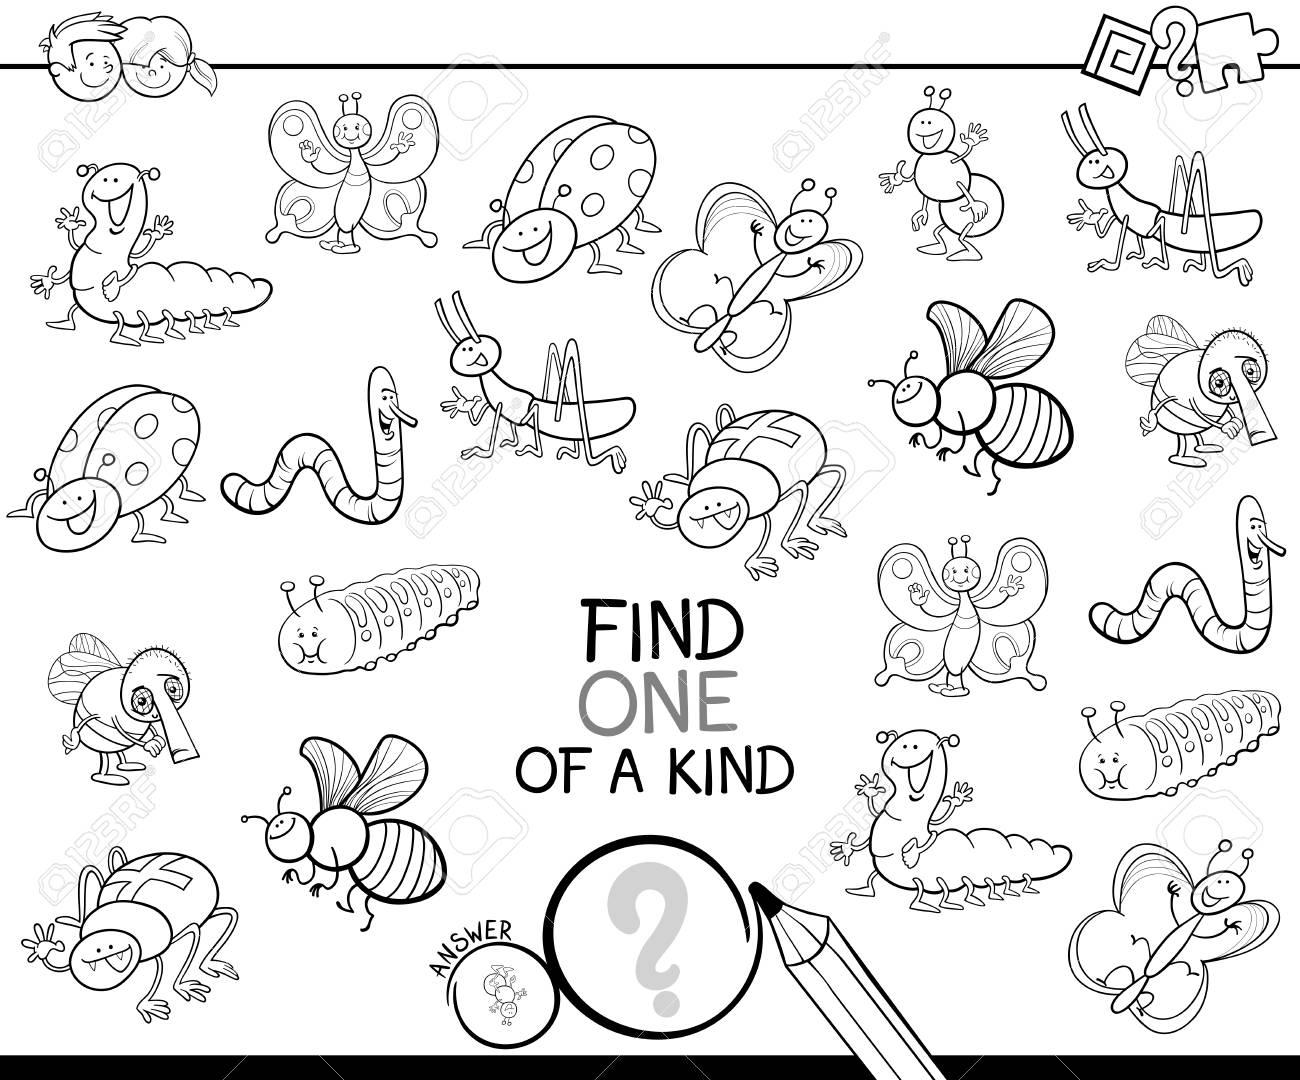 Ilustracao A Preto E Branco Dos Desenhos Animados De Encontrar Um